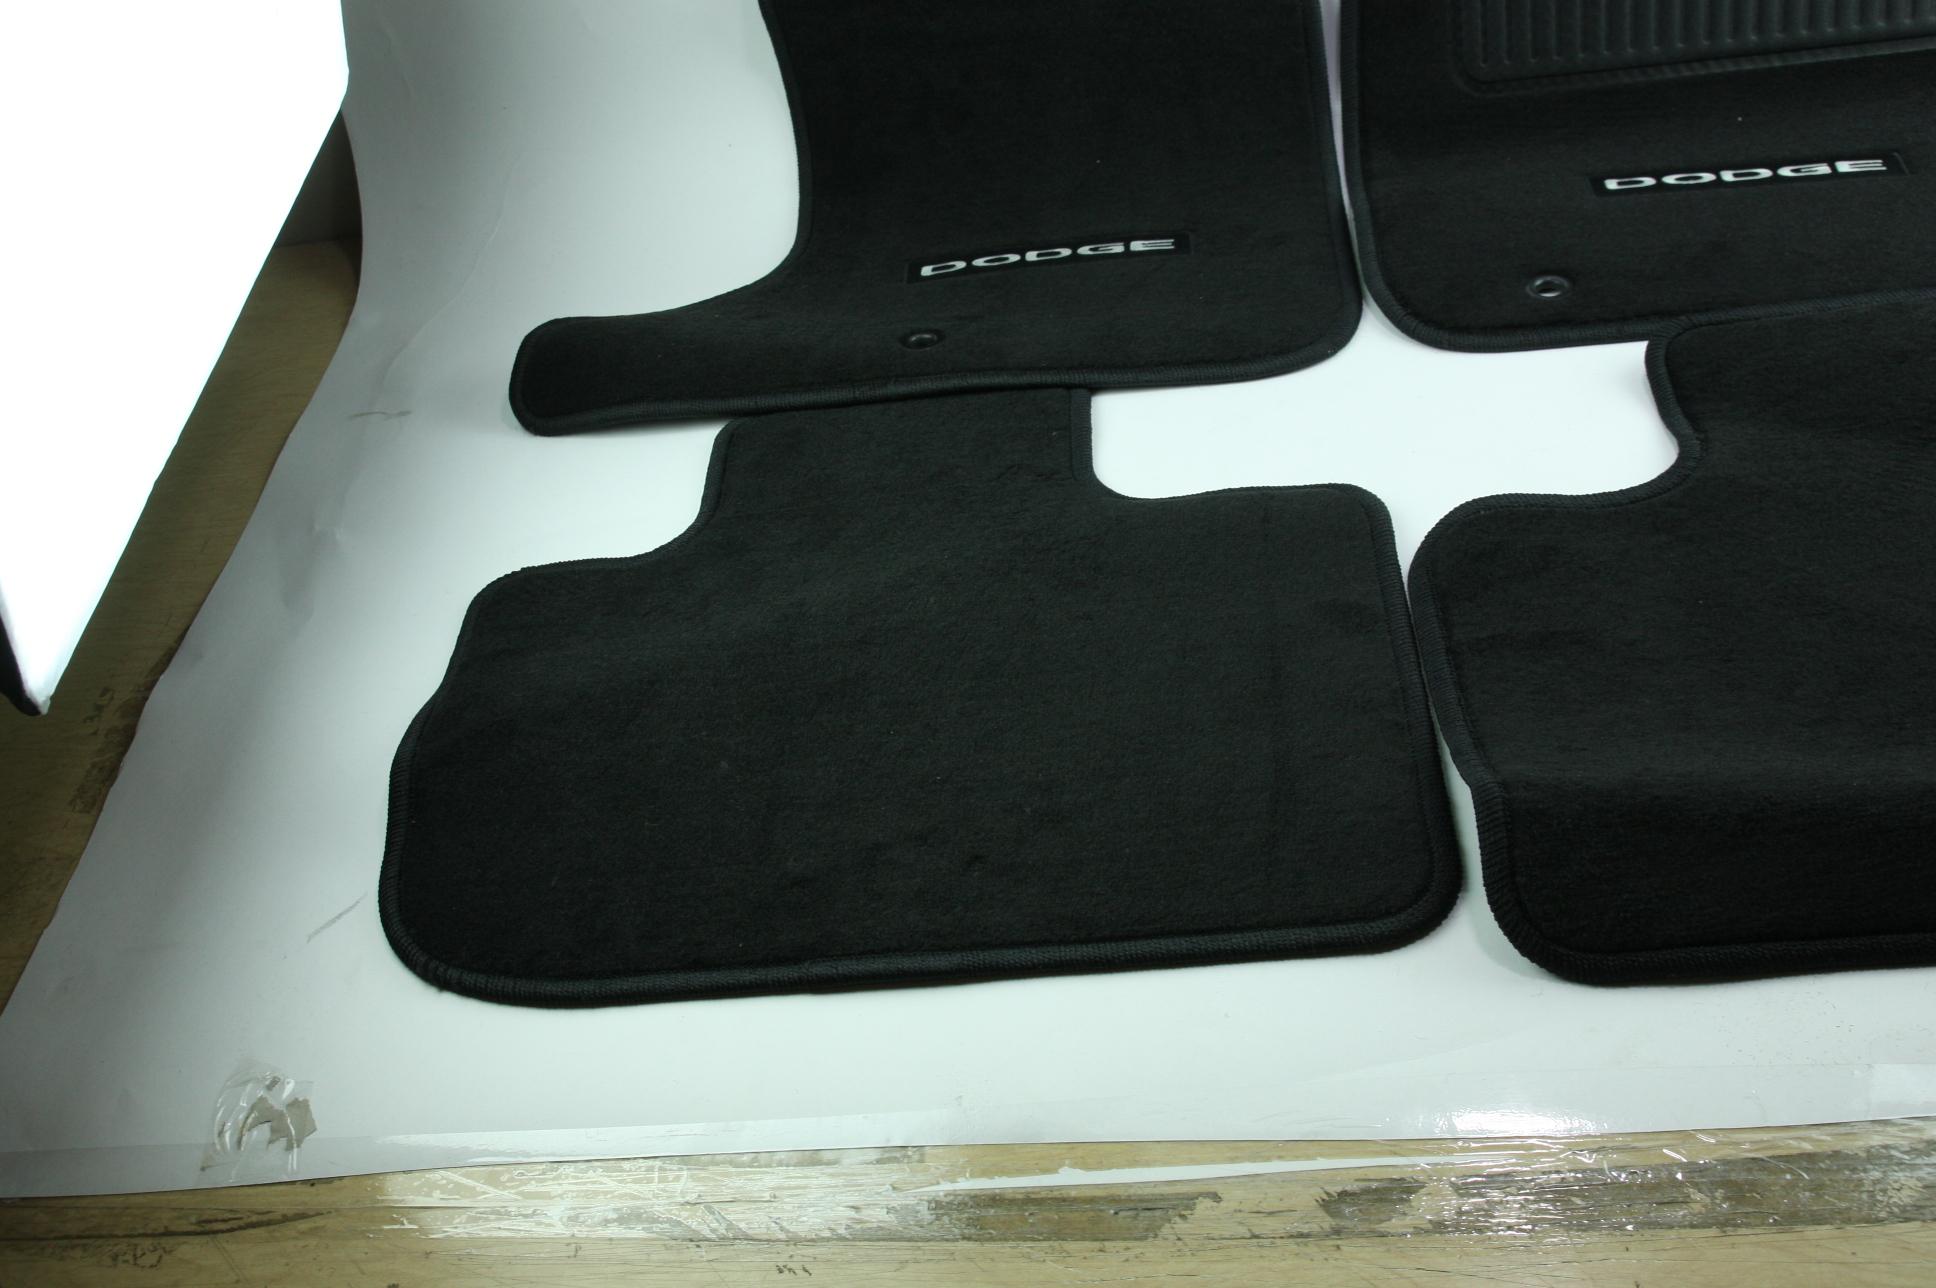 ** New OEM Genuine Mopar 1NL24DX9AC 11-12 Dodge Charger Mat Kit Front & Rear - image 8